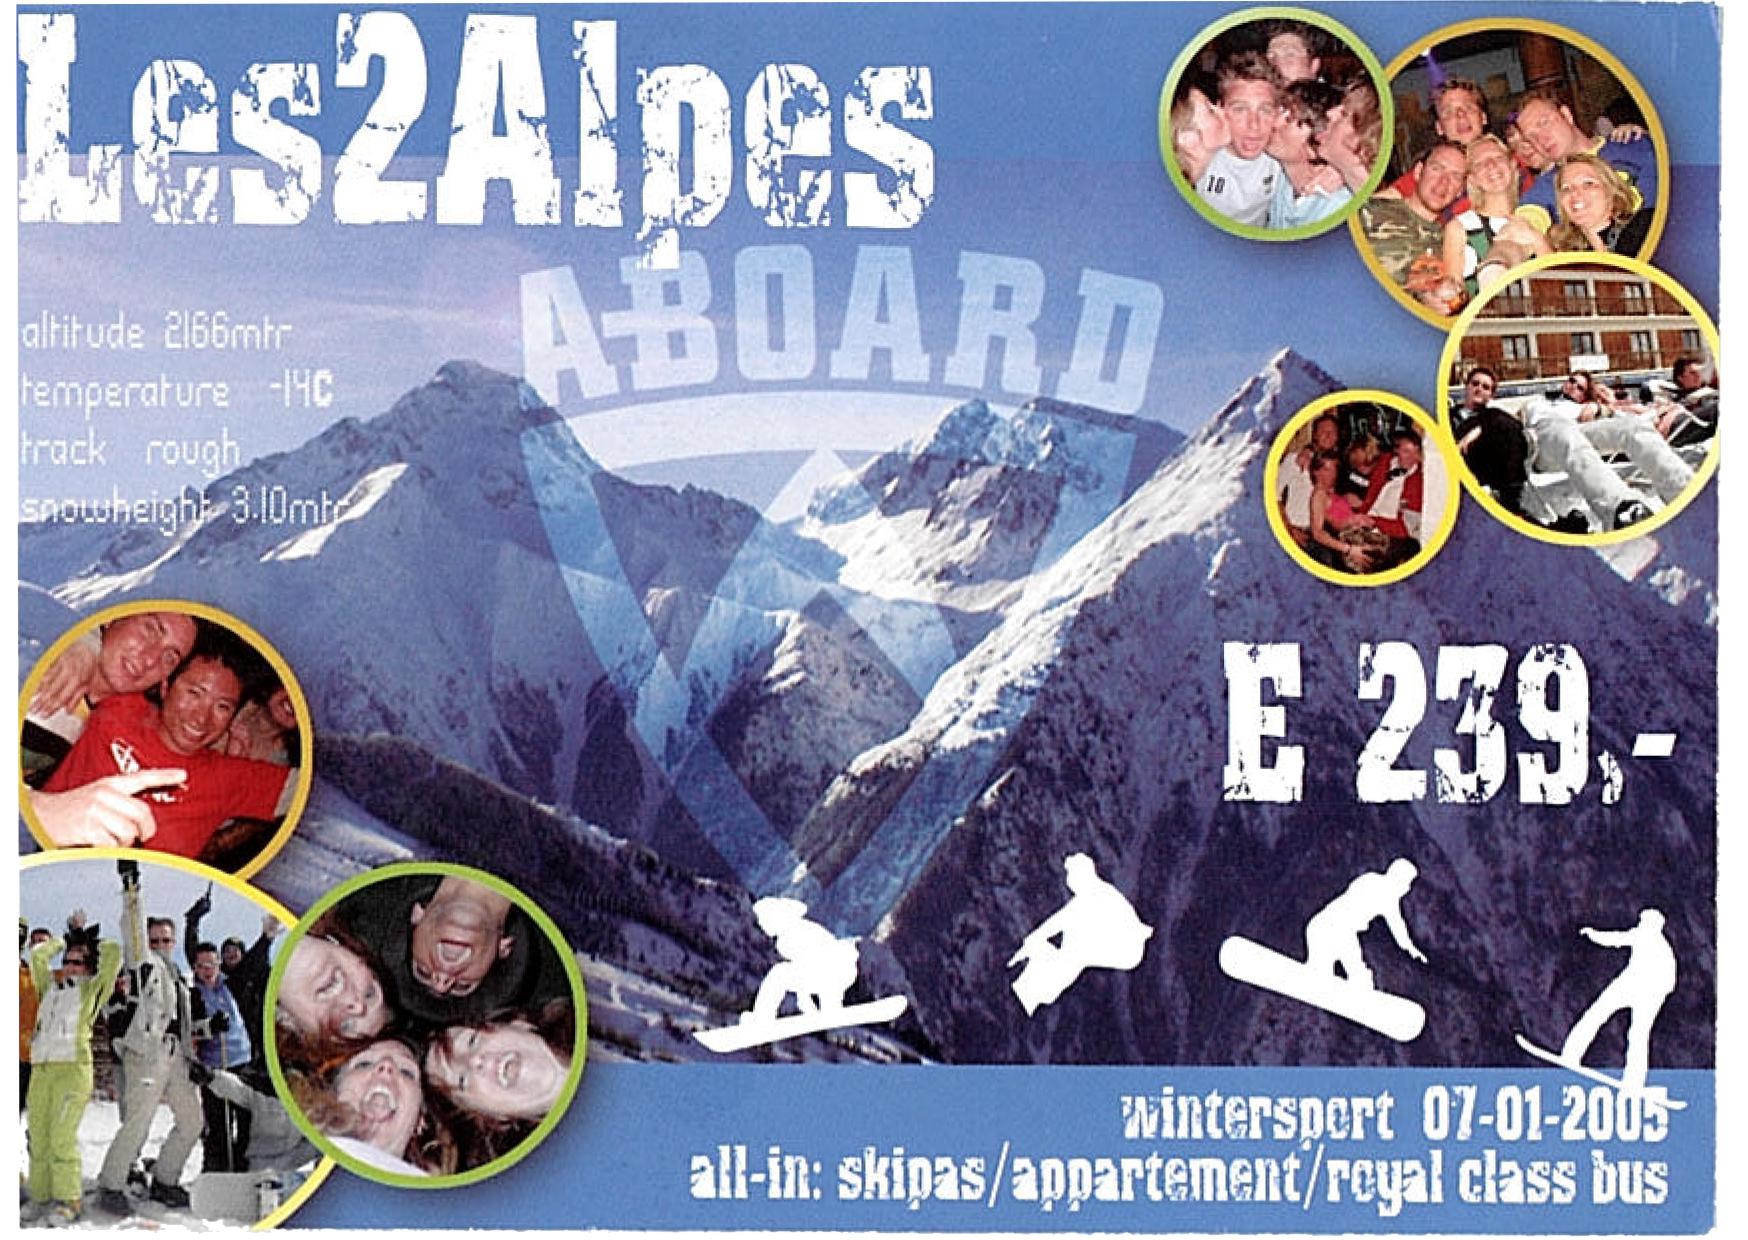 Les Deux Alpes 2005